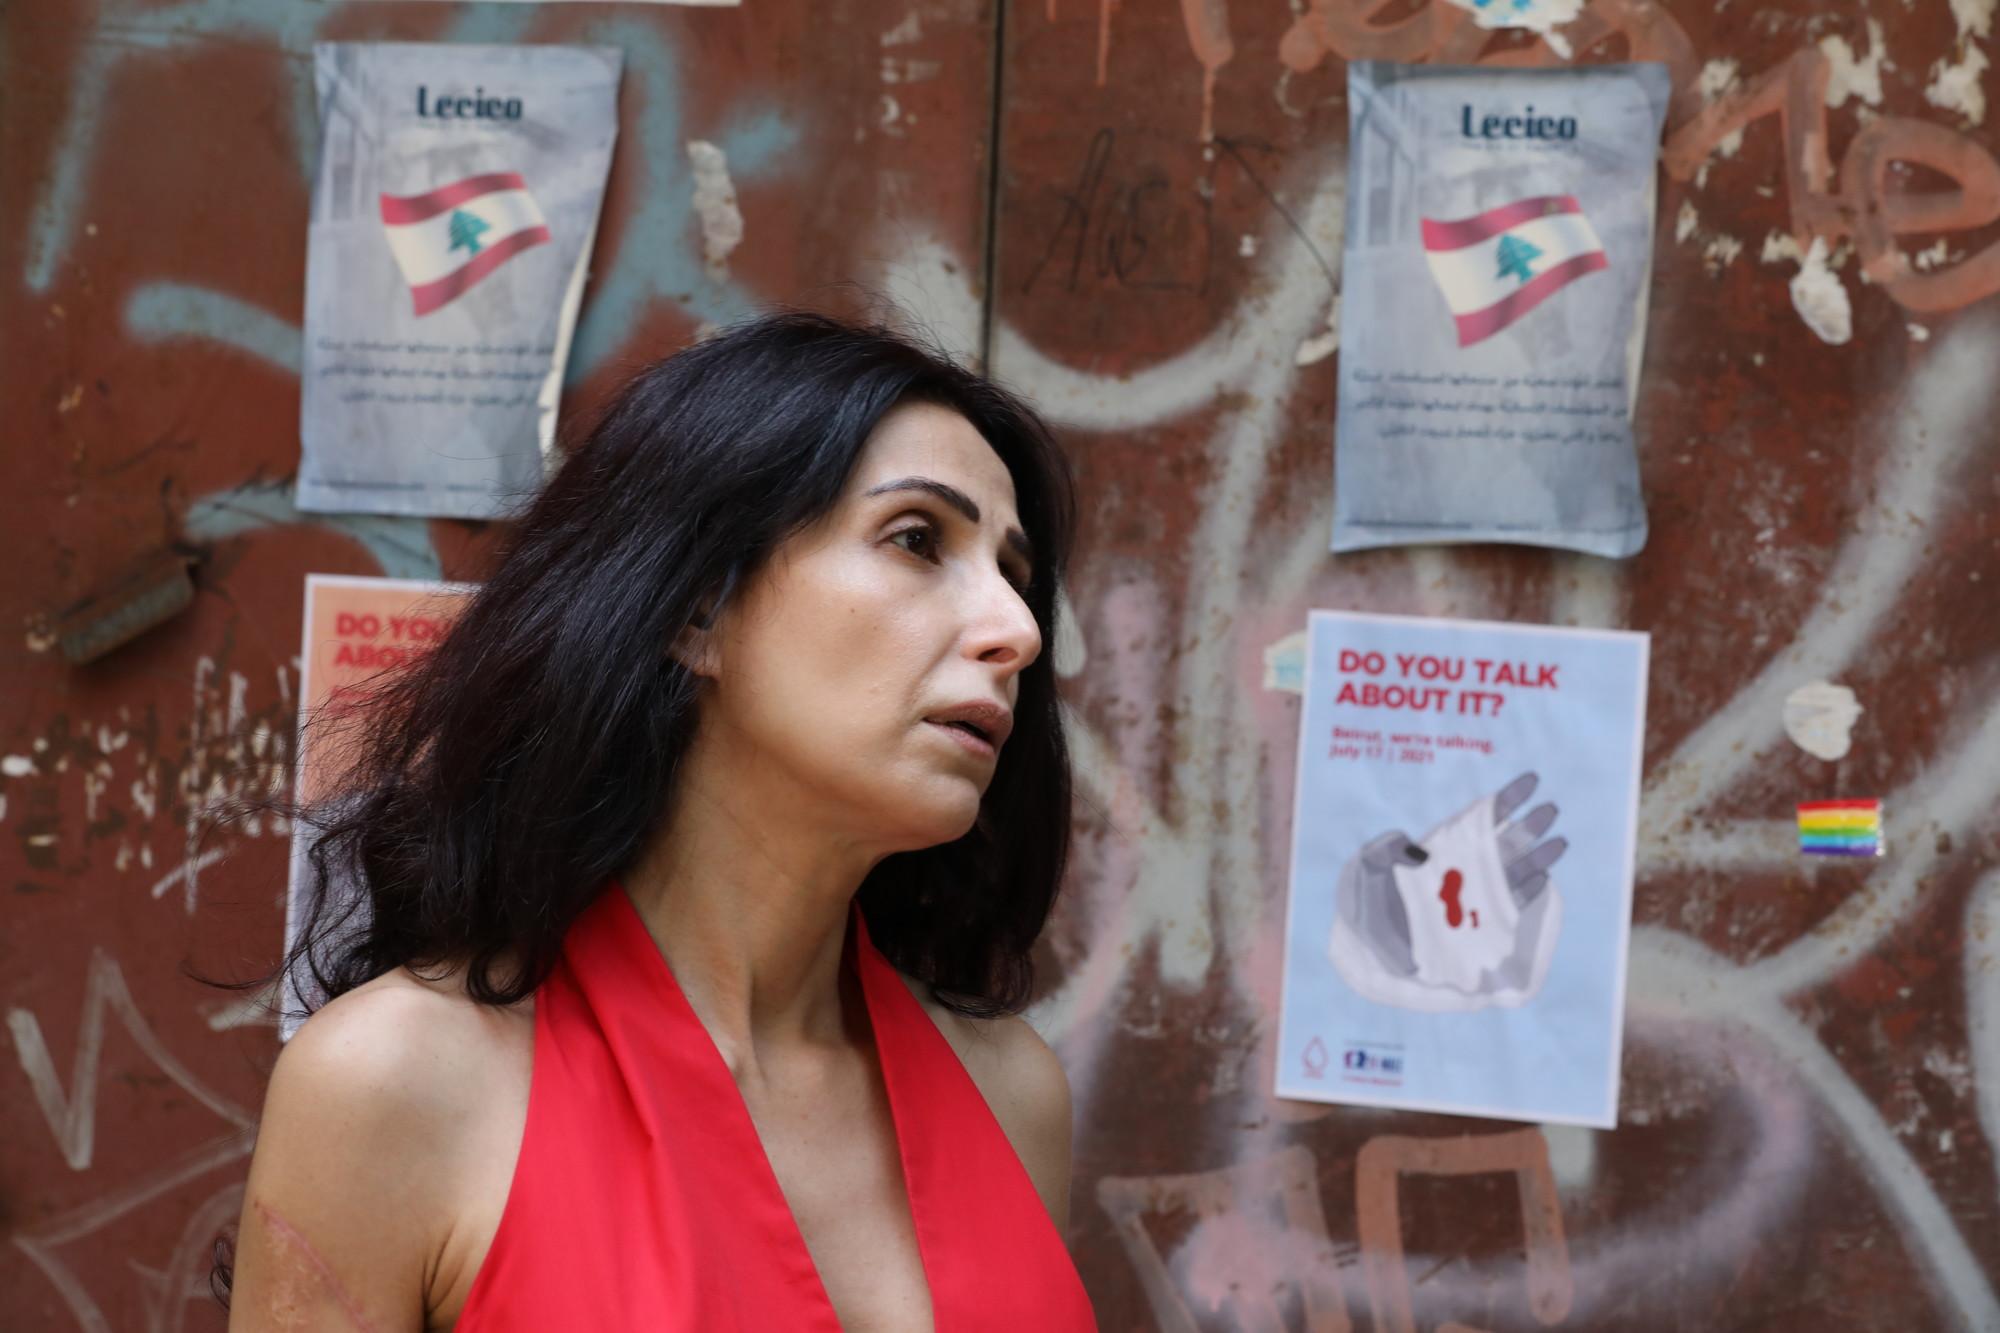 Une femme se tient devant un mur couvert de prospectus et de graffitis.